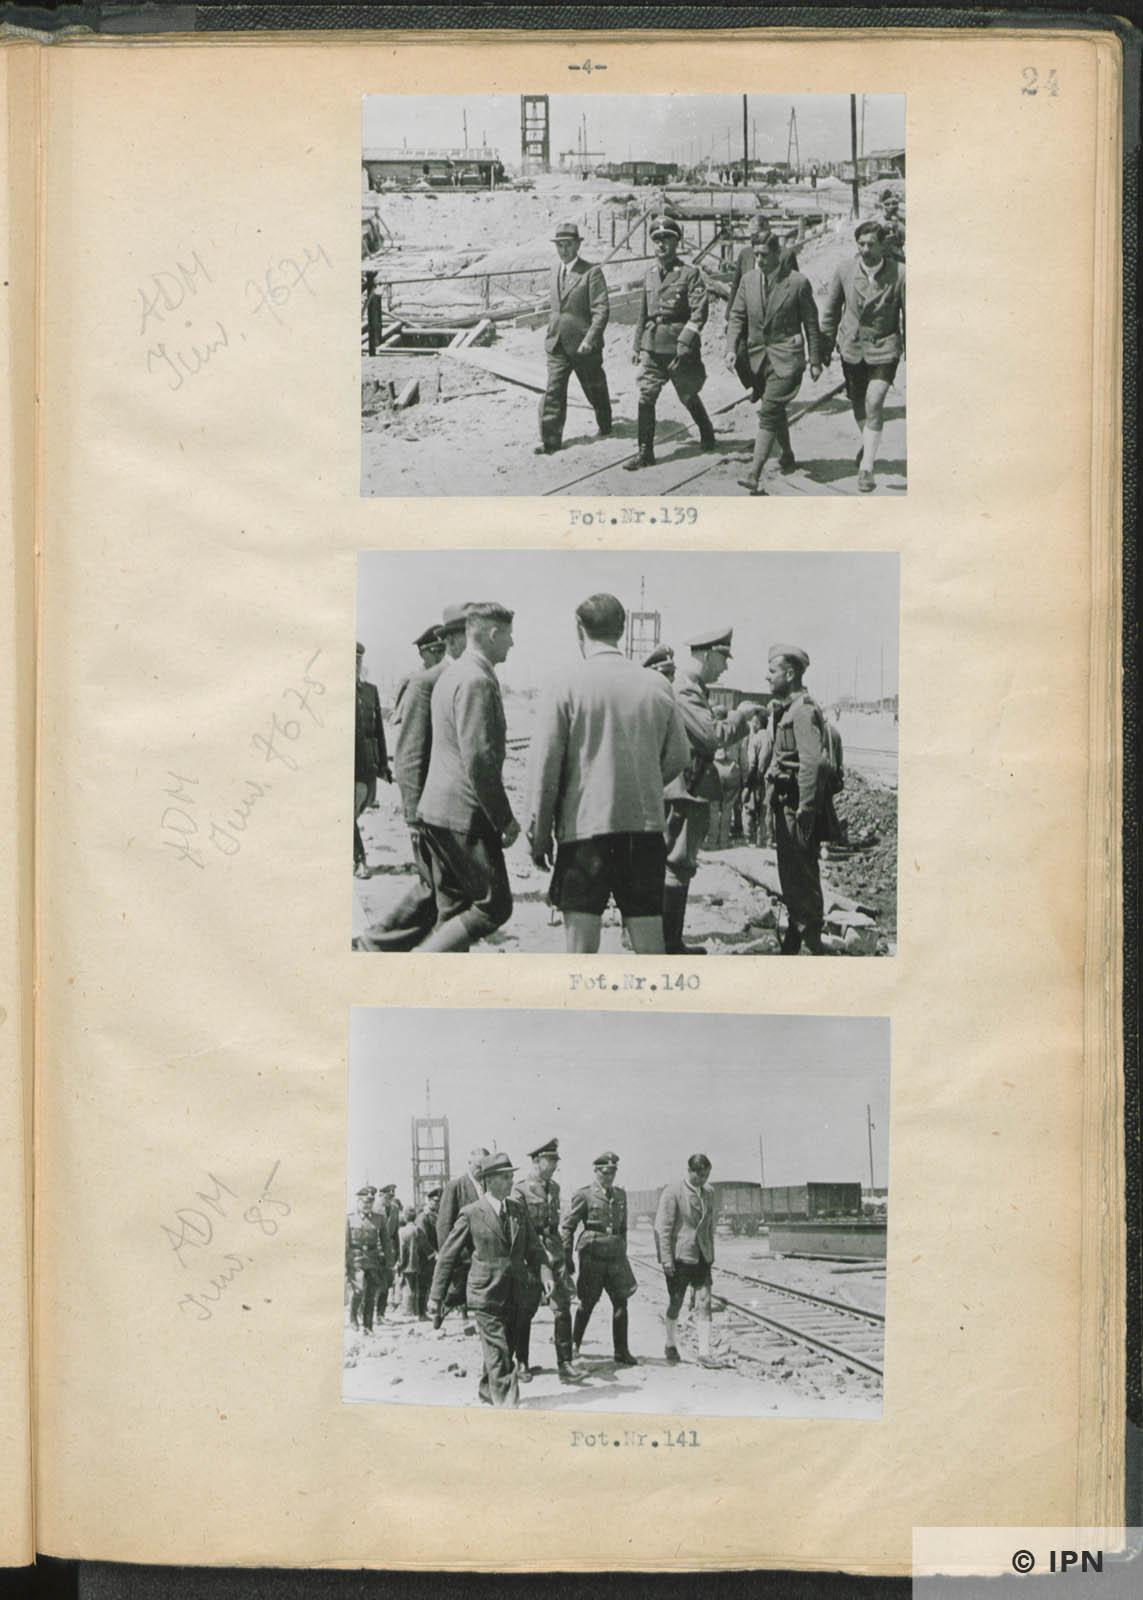 SS Reichsführer Heinrich Himmler visits IG Farben plant at Monowitz. July 17 to 18 1942. IPN GK 196 97 0029